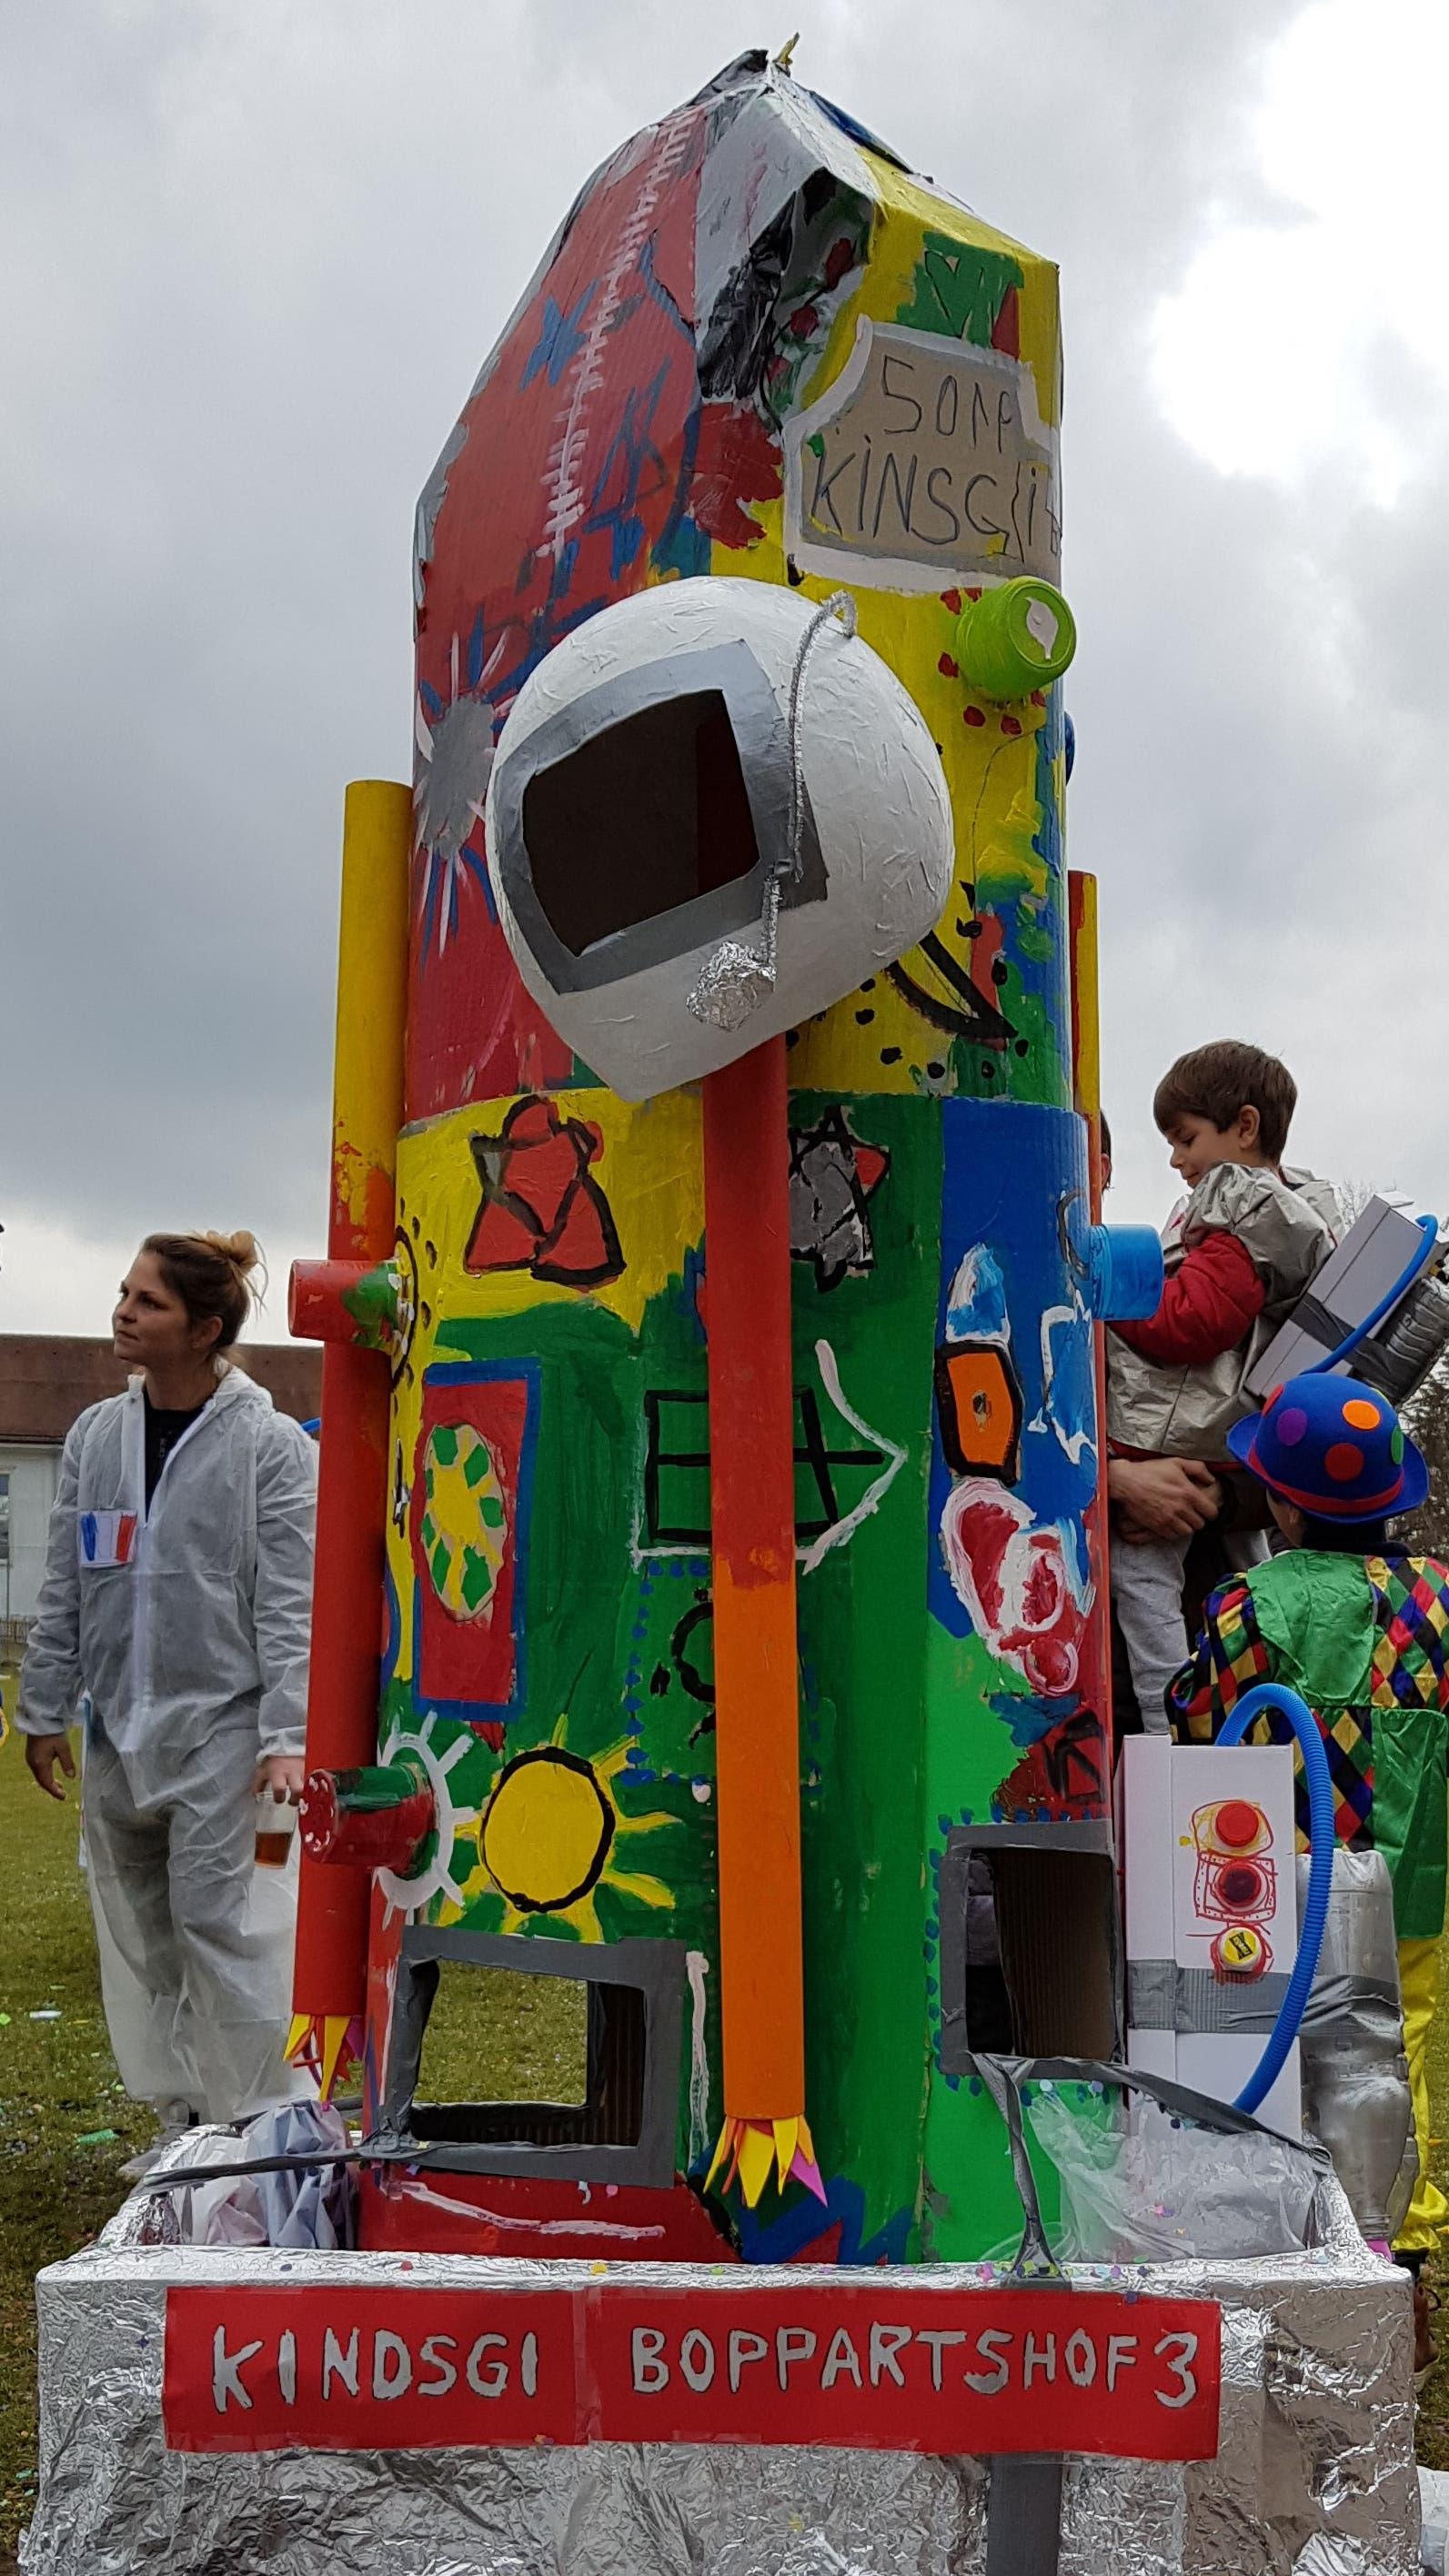 Natürlich hatten die Astronauten ihre Rakete mit dabei.